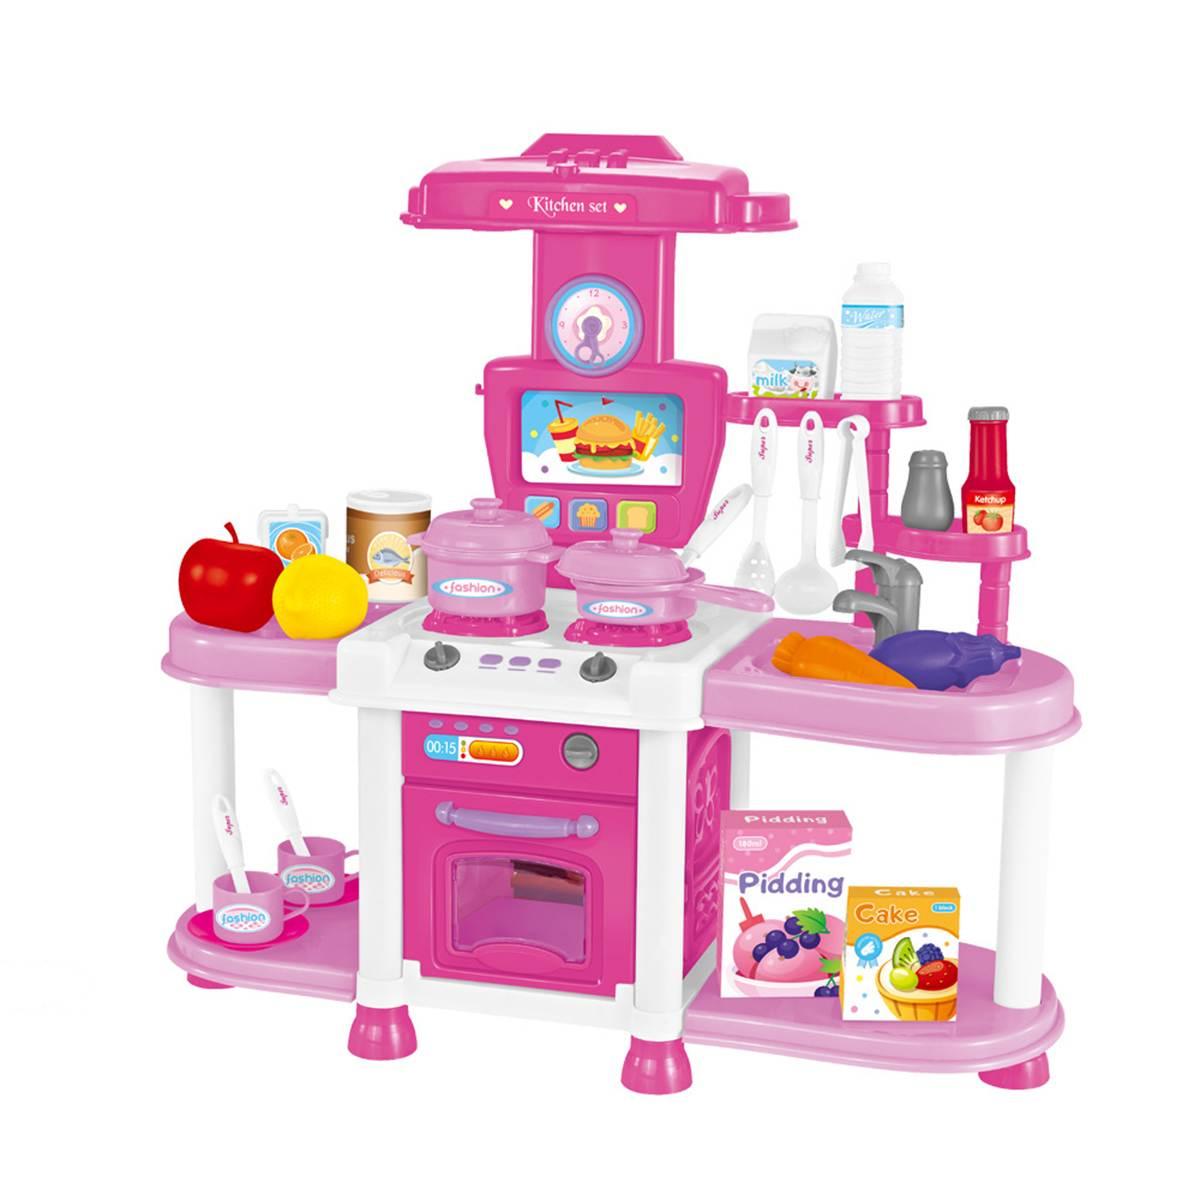 Купить Детская кухня Shantou Gepai 1901U241 с аксессуарами, со световыми и звуковыми эффектами